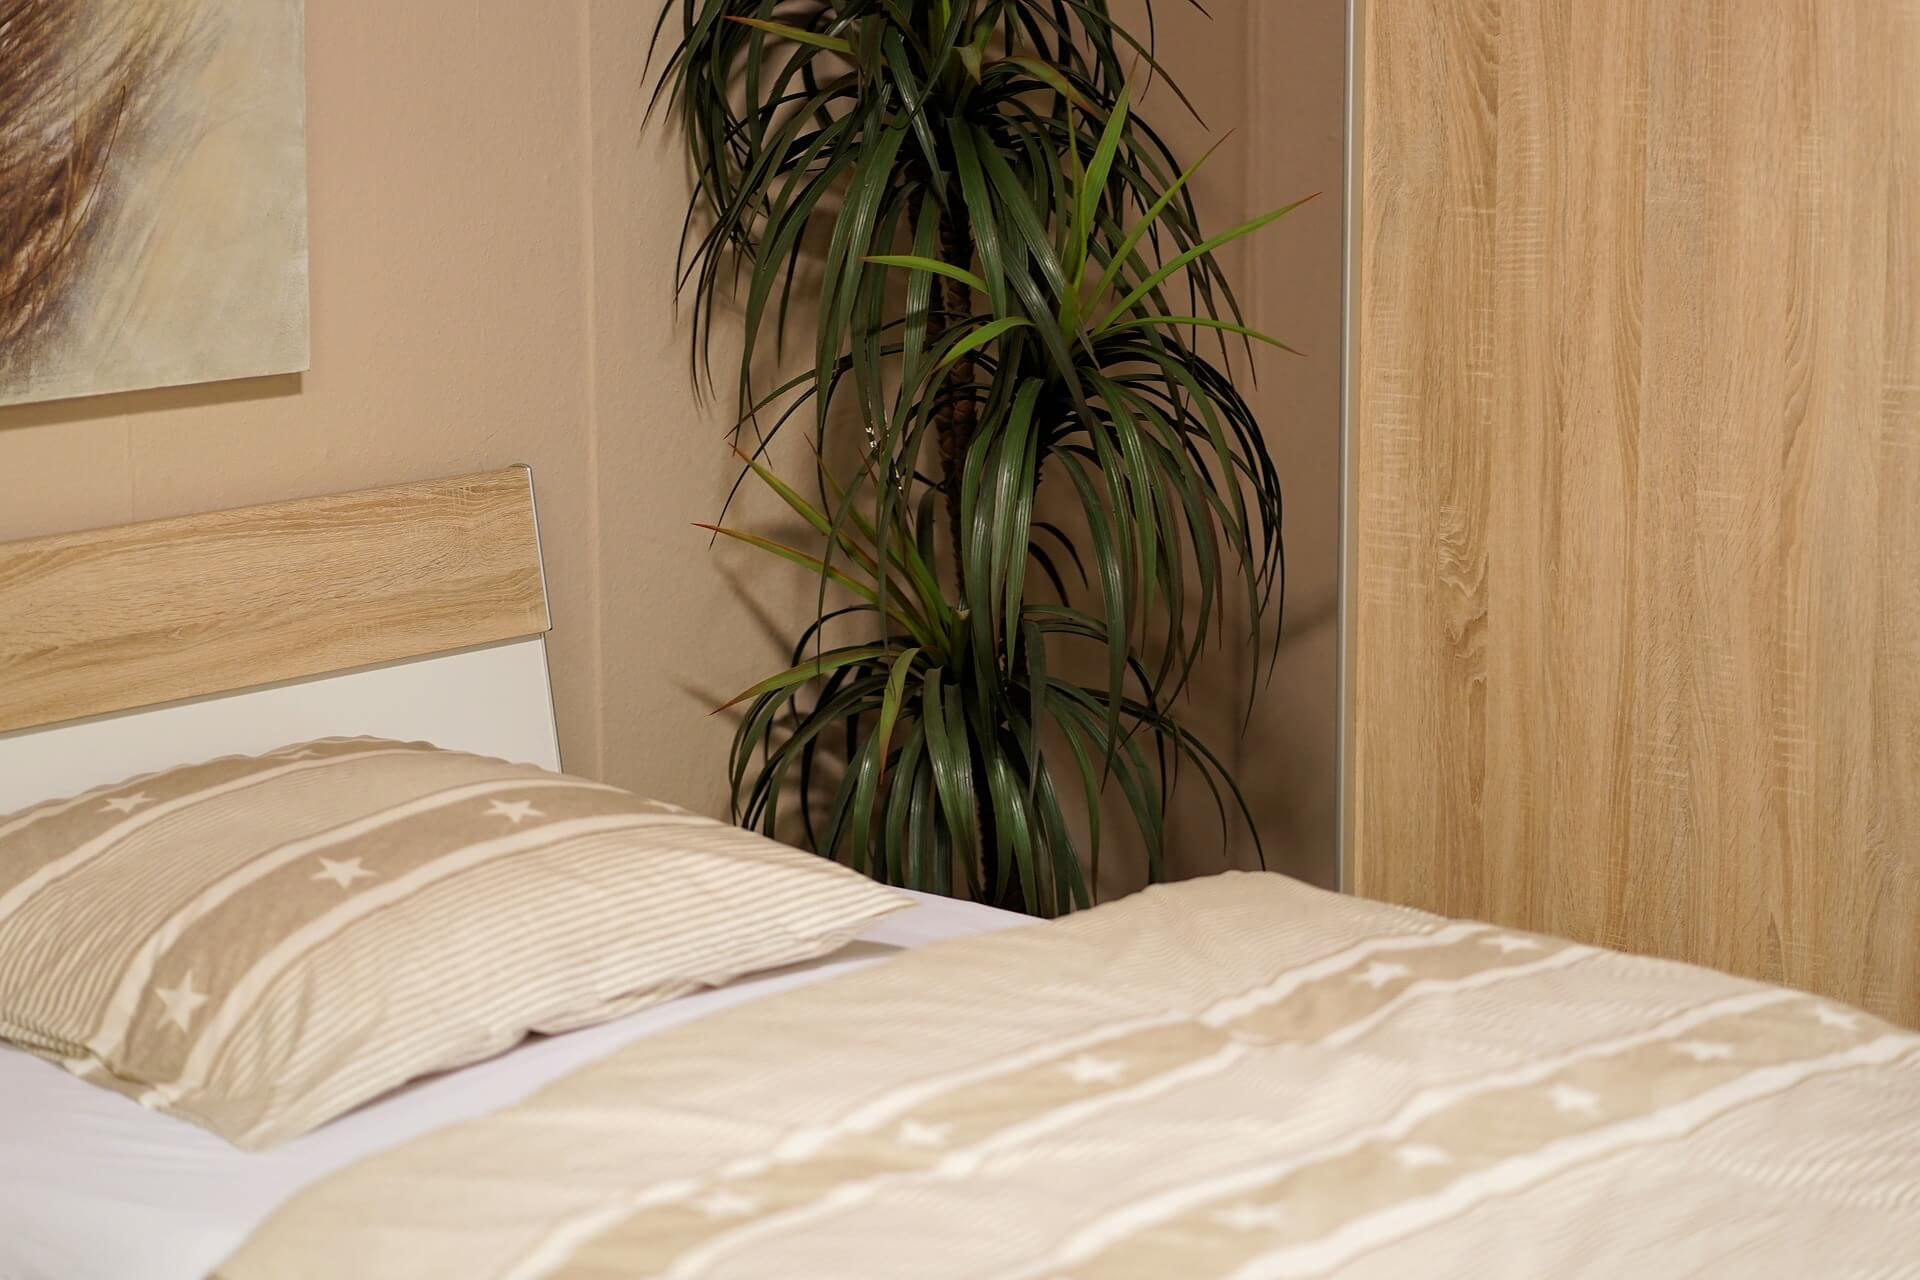 Pflanze im Schlafzimmer